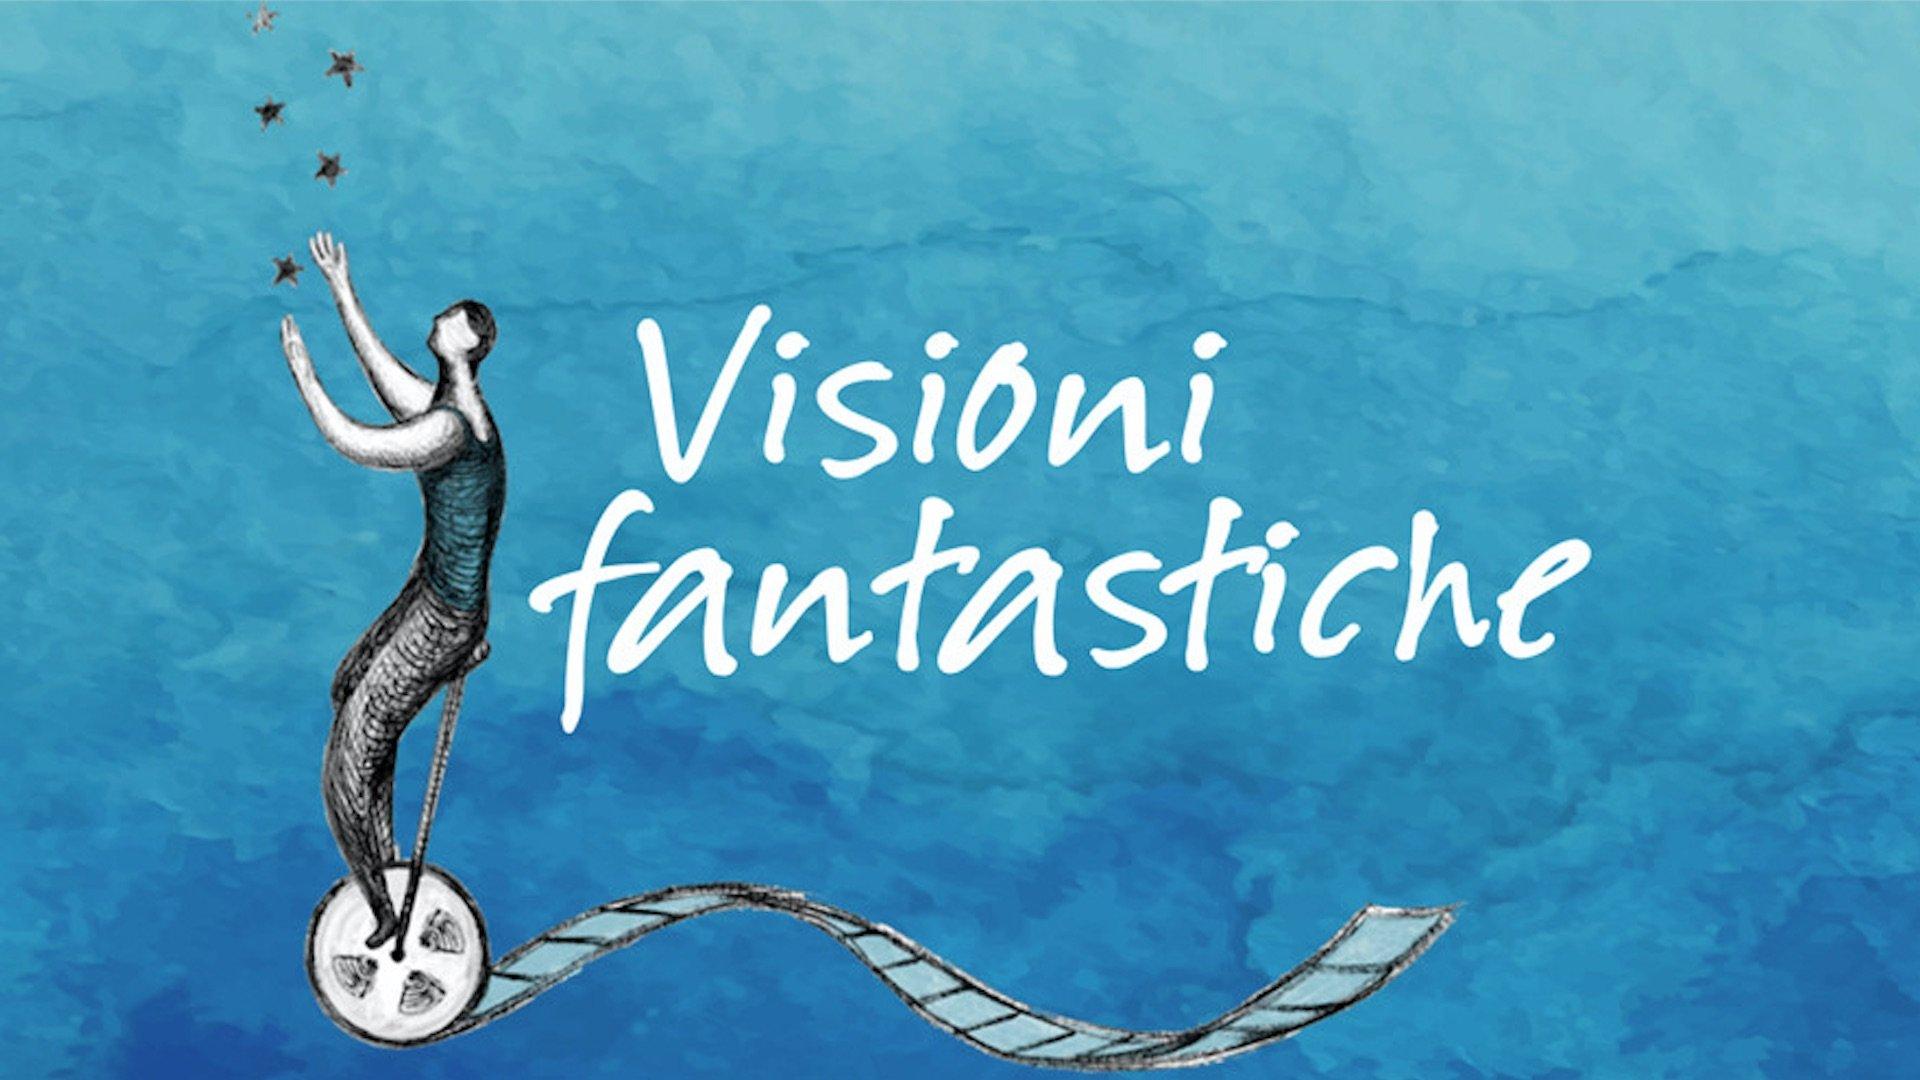 Visioni fantastiche